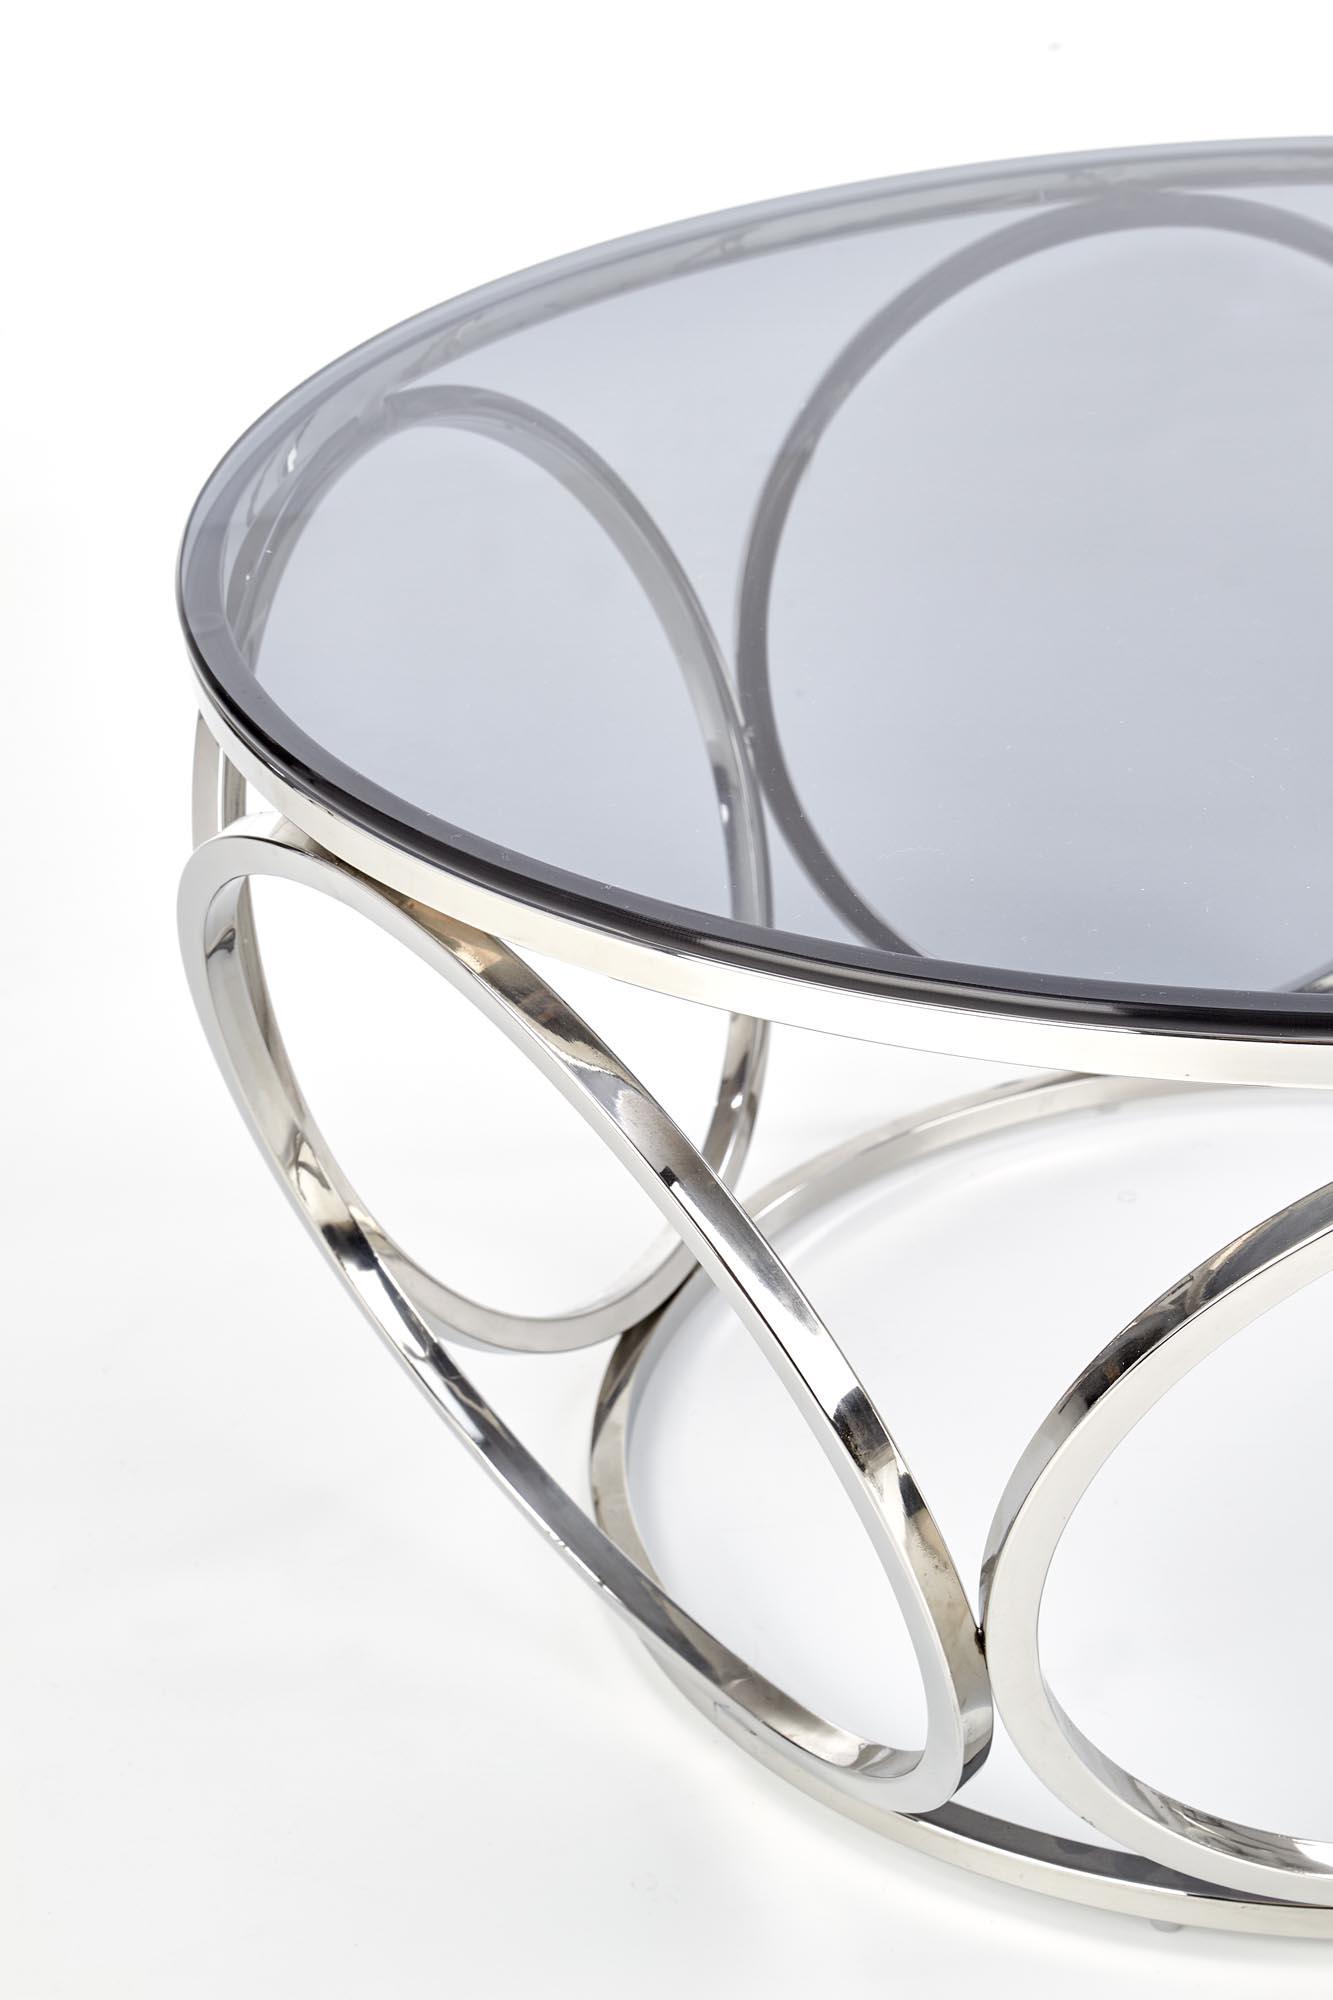 VENUS ława, stelaż - srebrny, szkło - dymiony